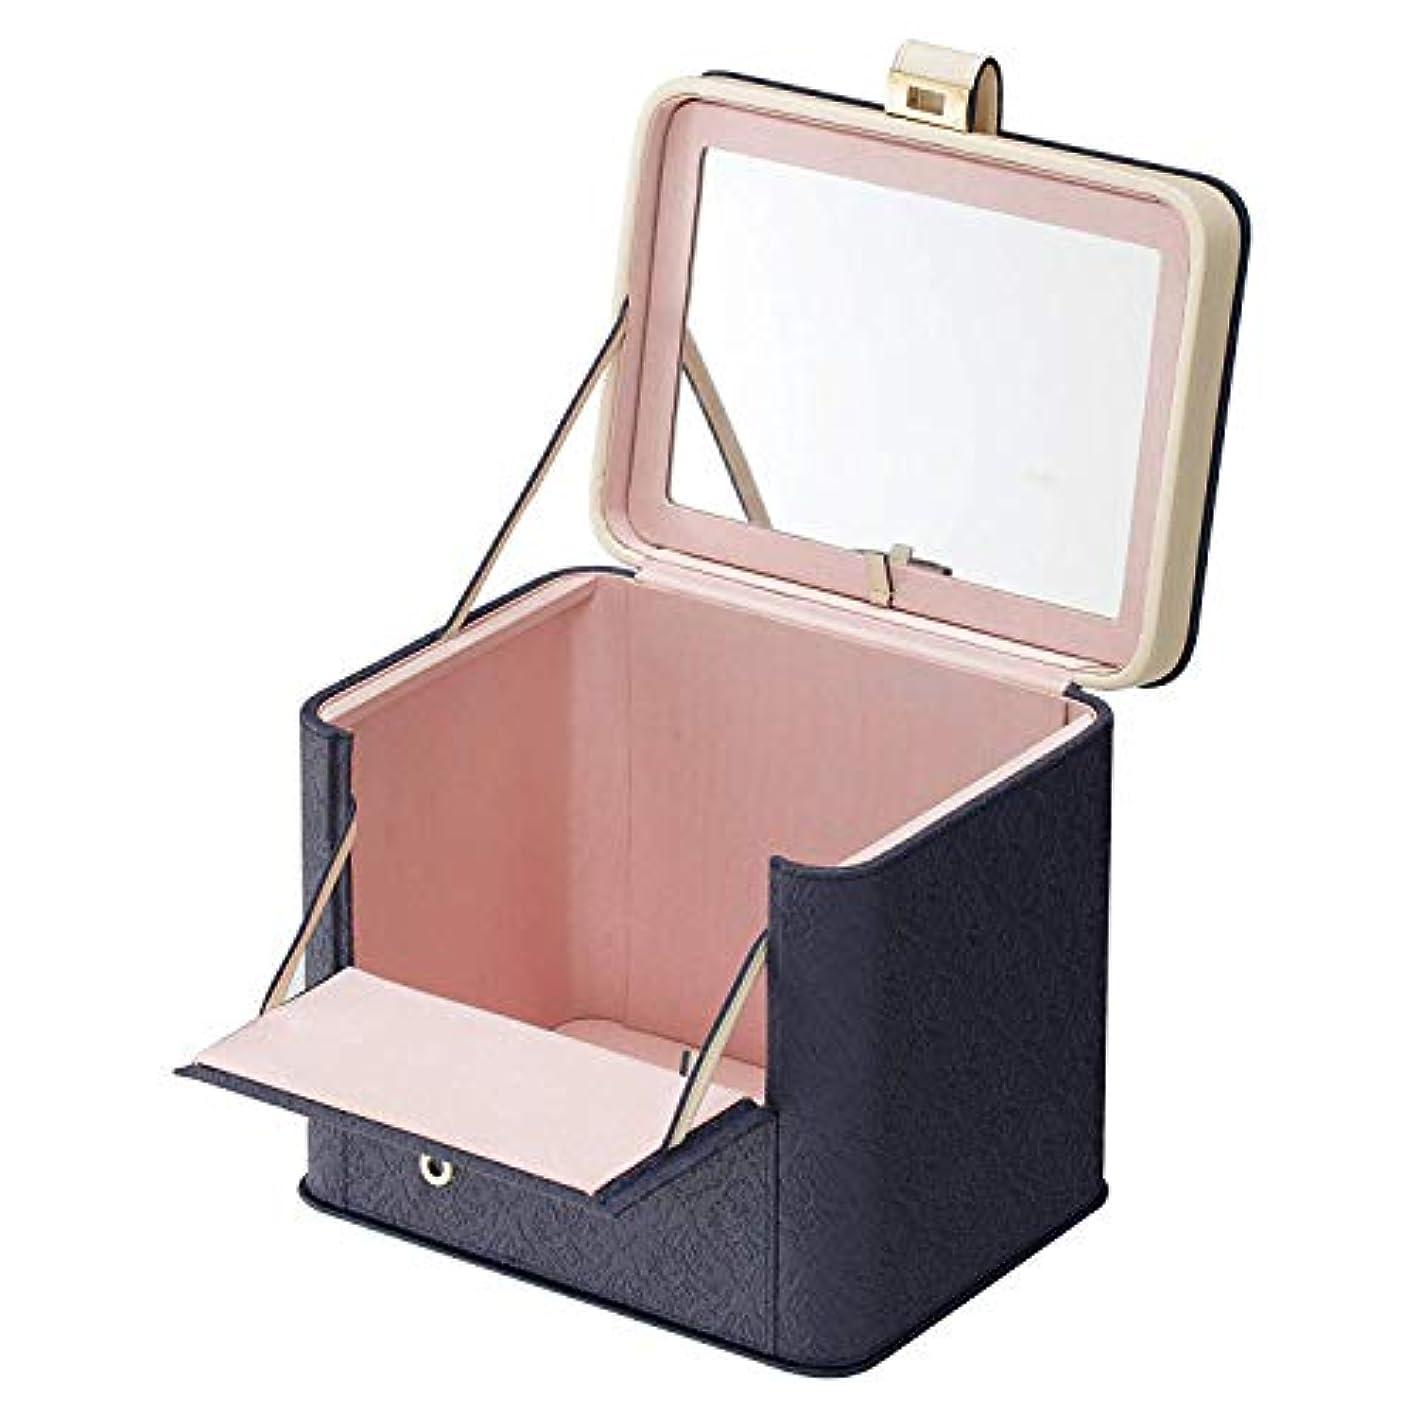 ボルト速記弾丸カスタマイズでき メイクボックス アラベスク レギュ 化粧箱 ラー ロイヤルネイビー